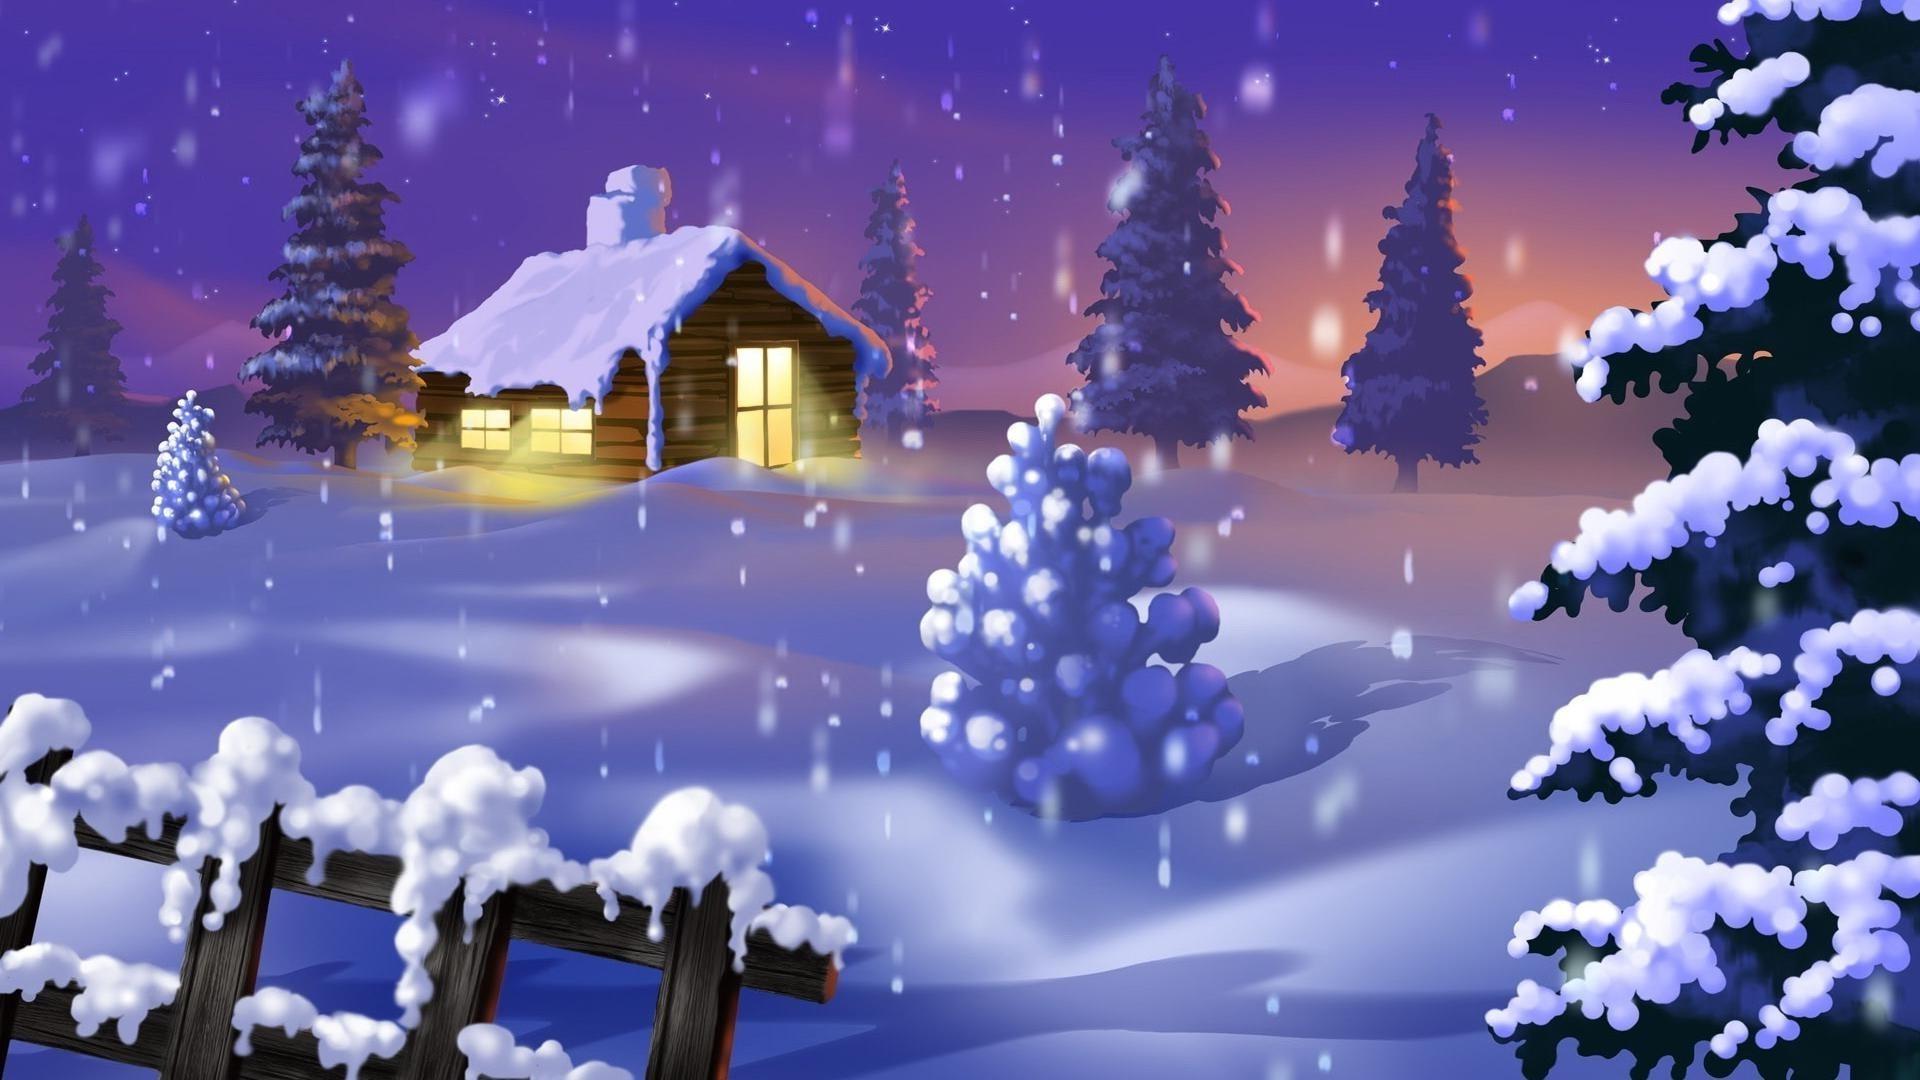 Картинки на телефон анимация снег